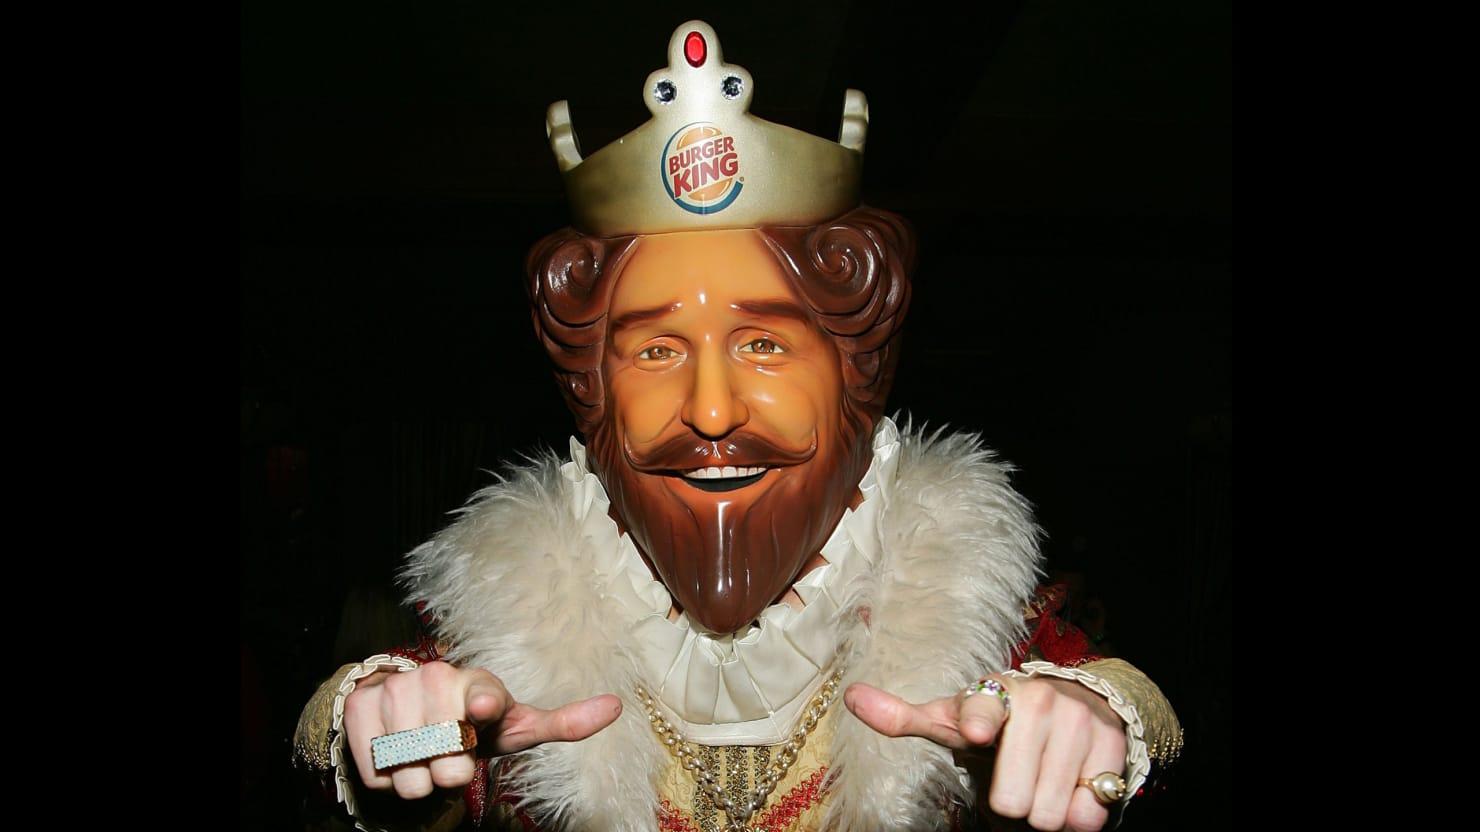 Burger King Frühstückszeiten